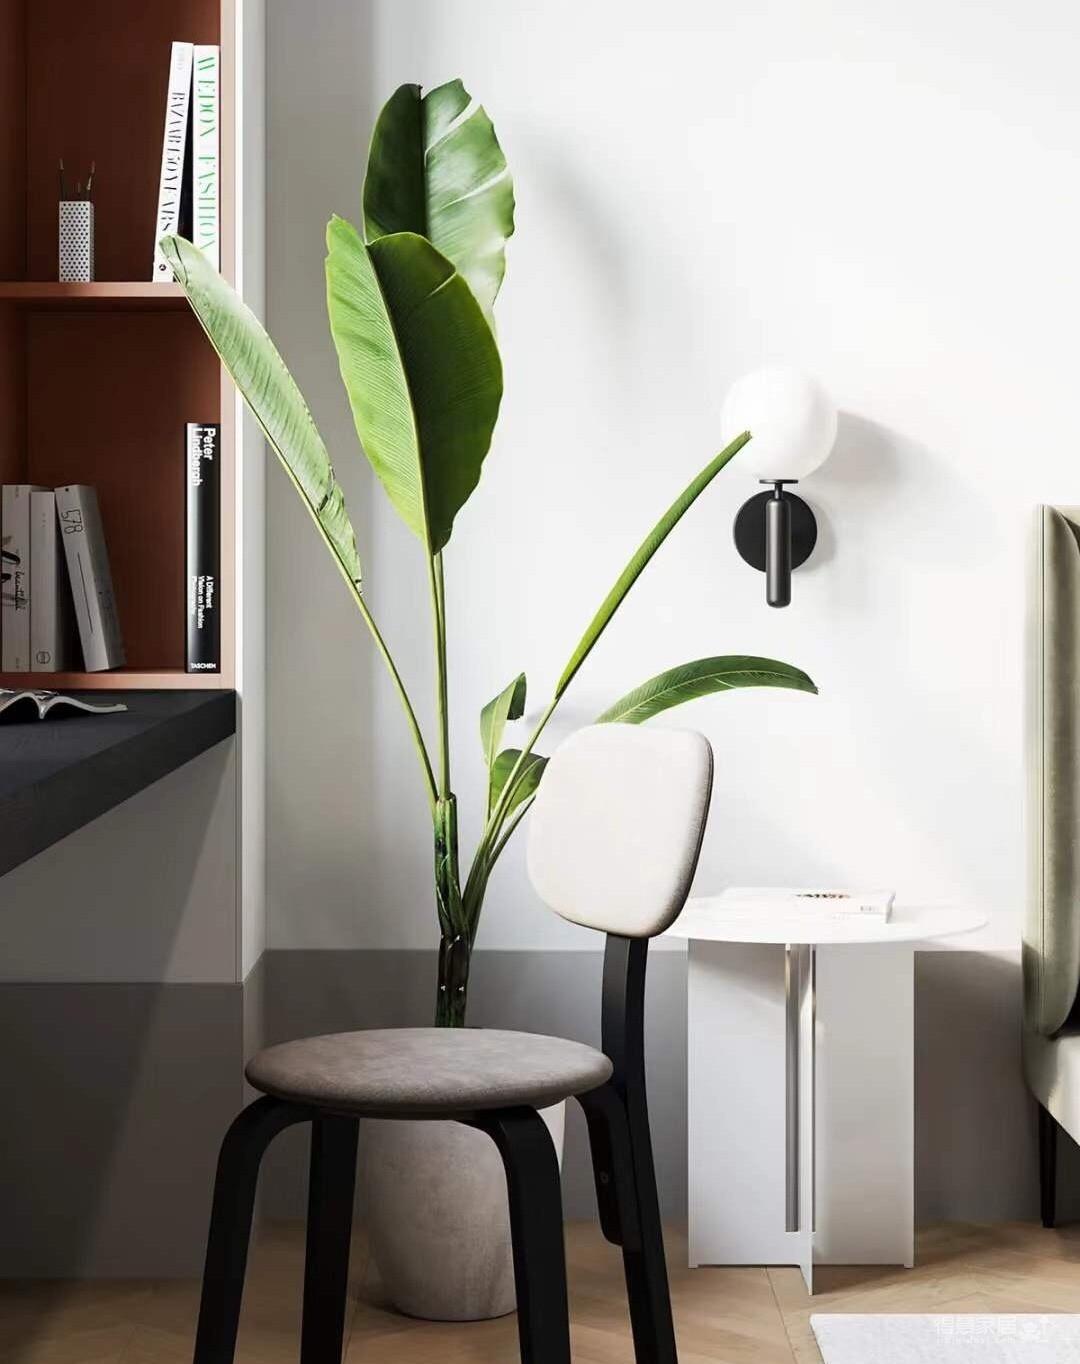 79㎡温馨而优雅的两房两厅,步入式衣帽间才是亮点!